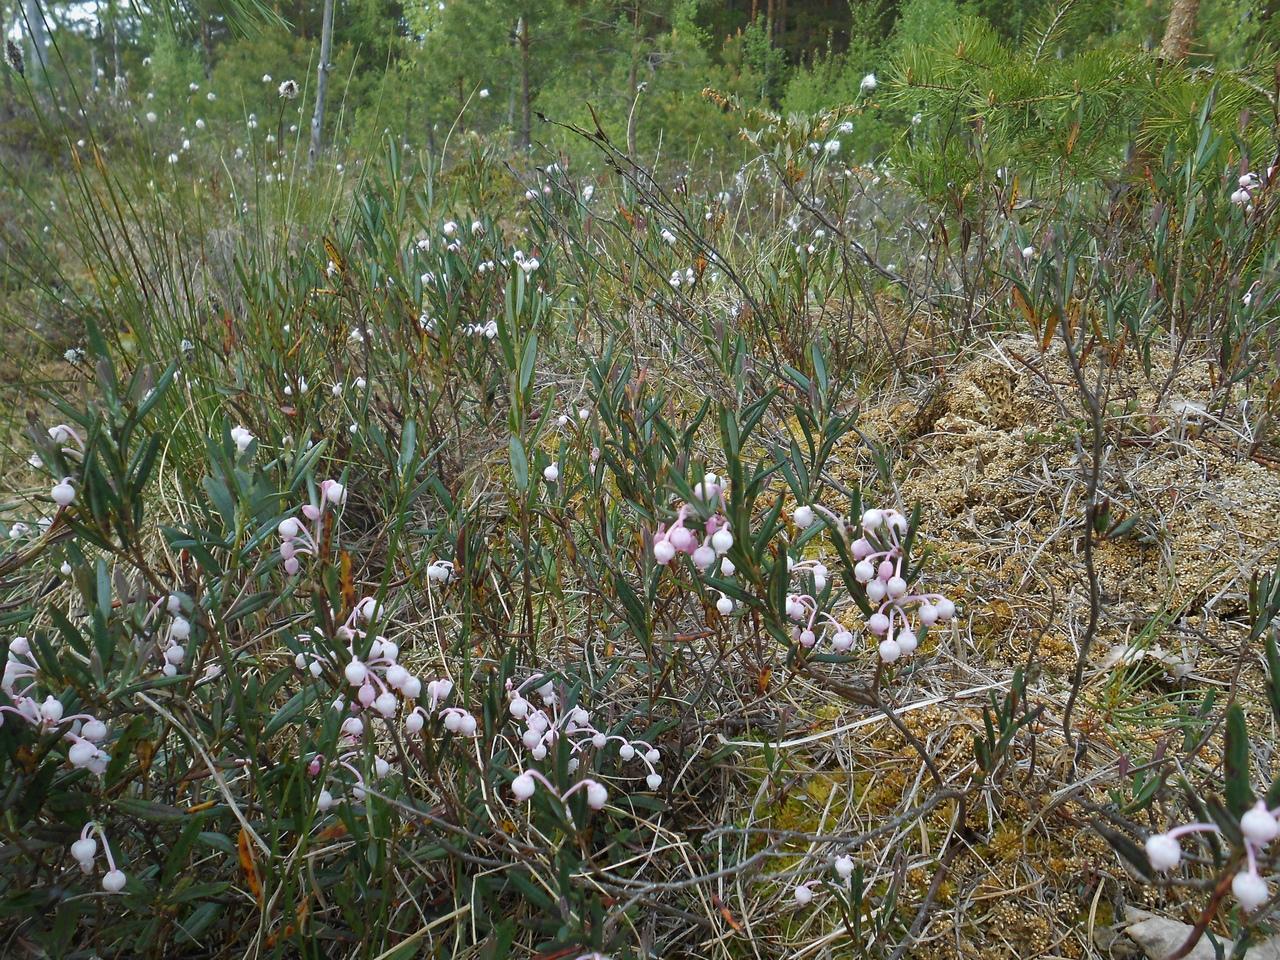 болото, семейство вересковые, растения болот, весеннее болото, подбел многолистный